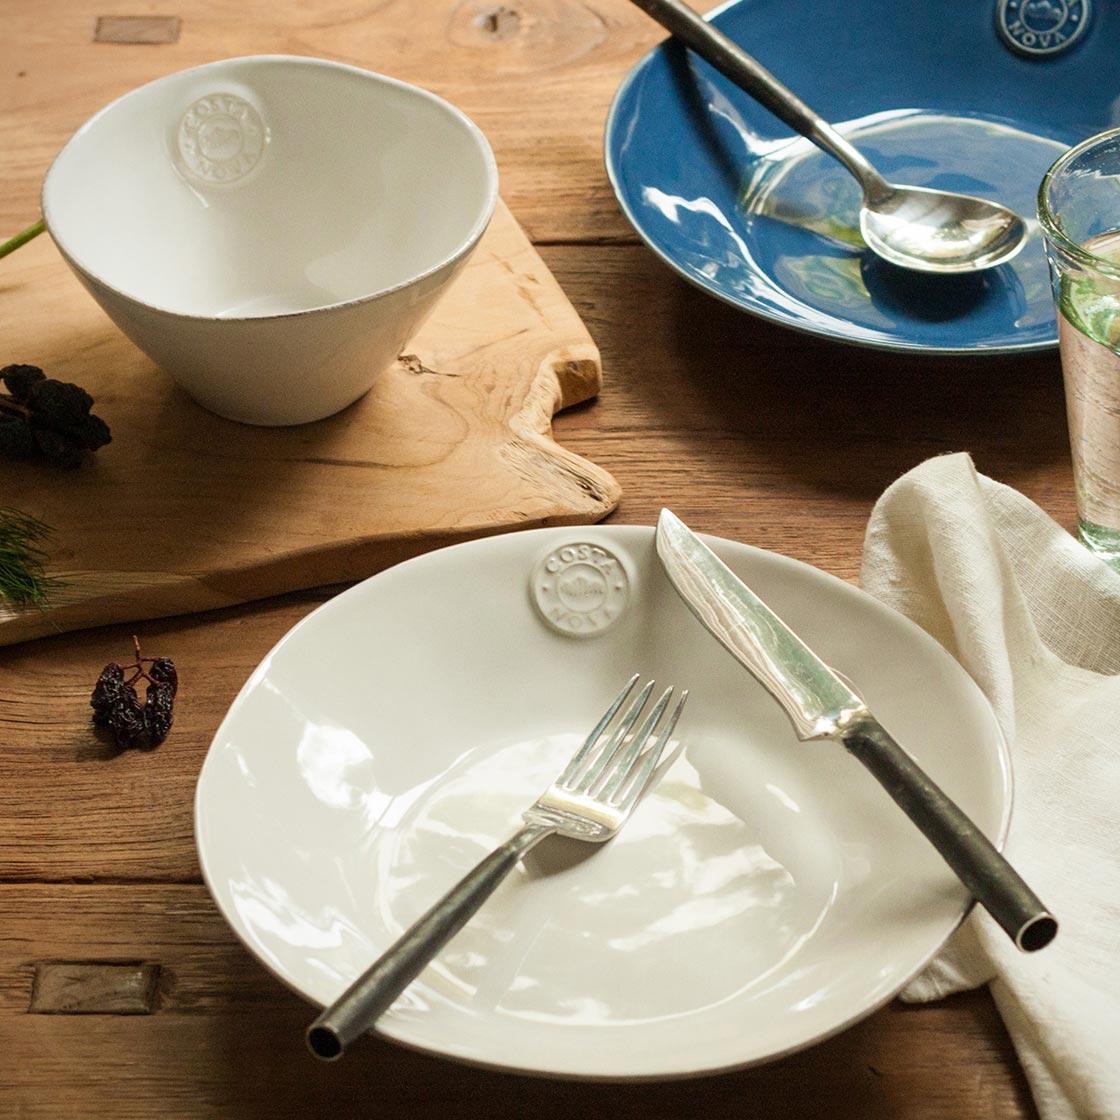 マグカップ 2個セット[コスタノバ]+バームクーヘン+スープ 8